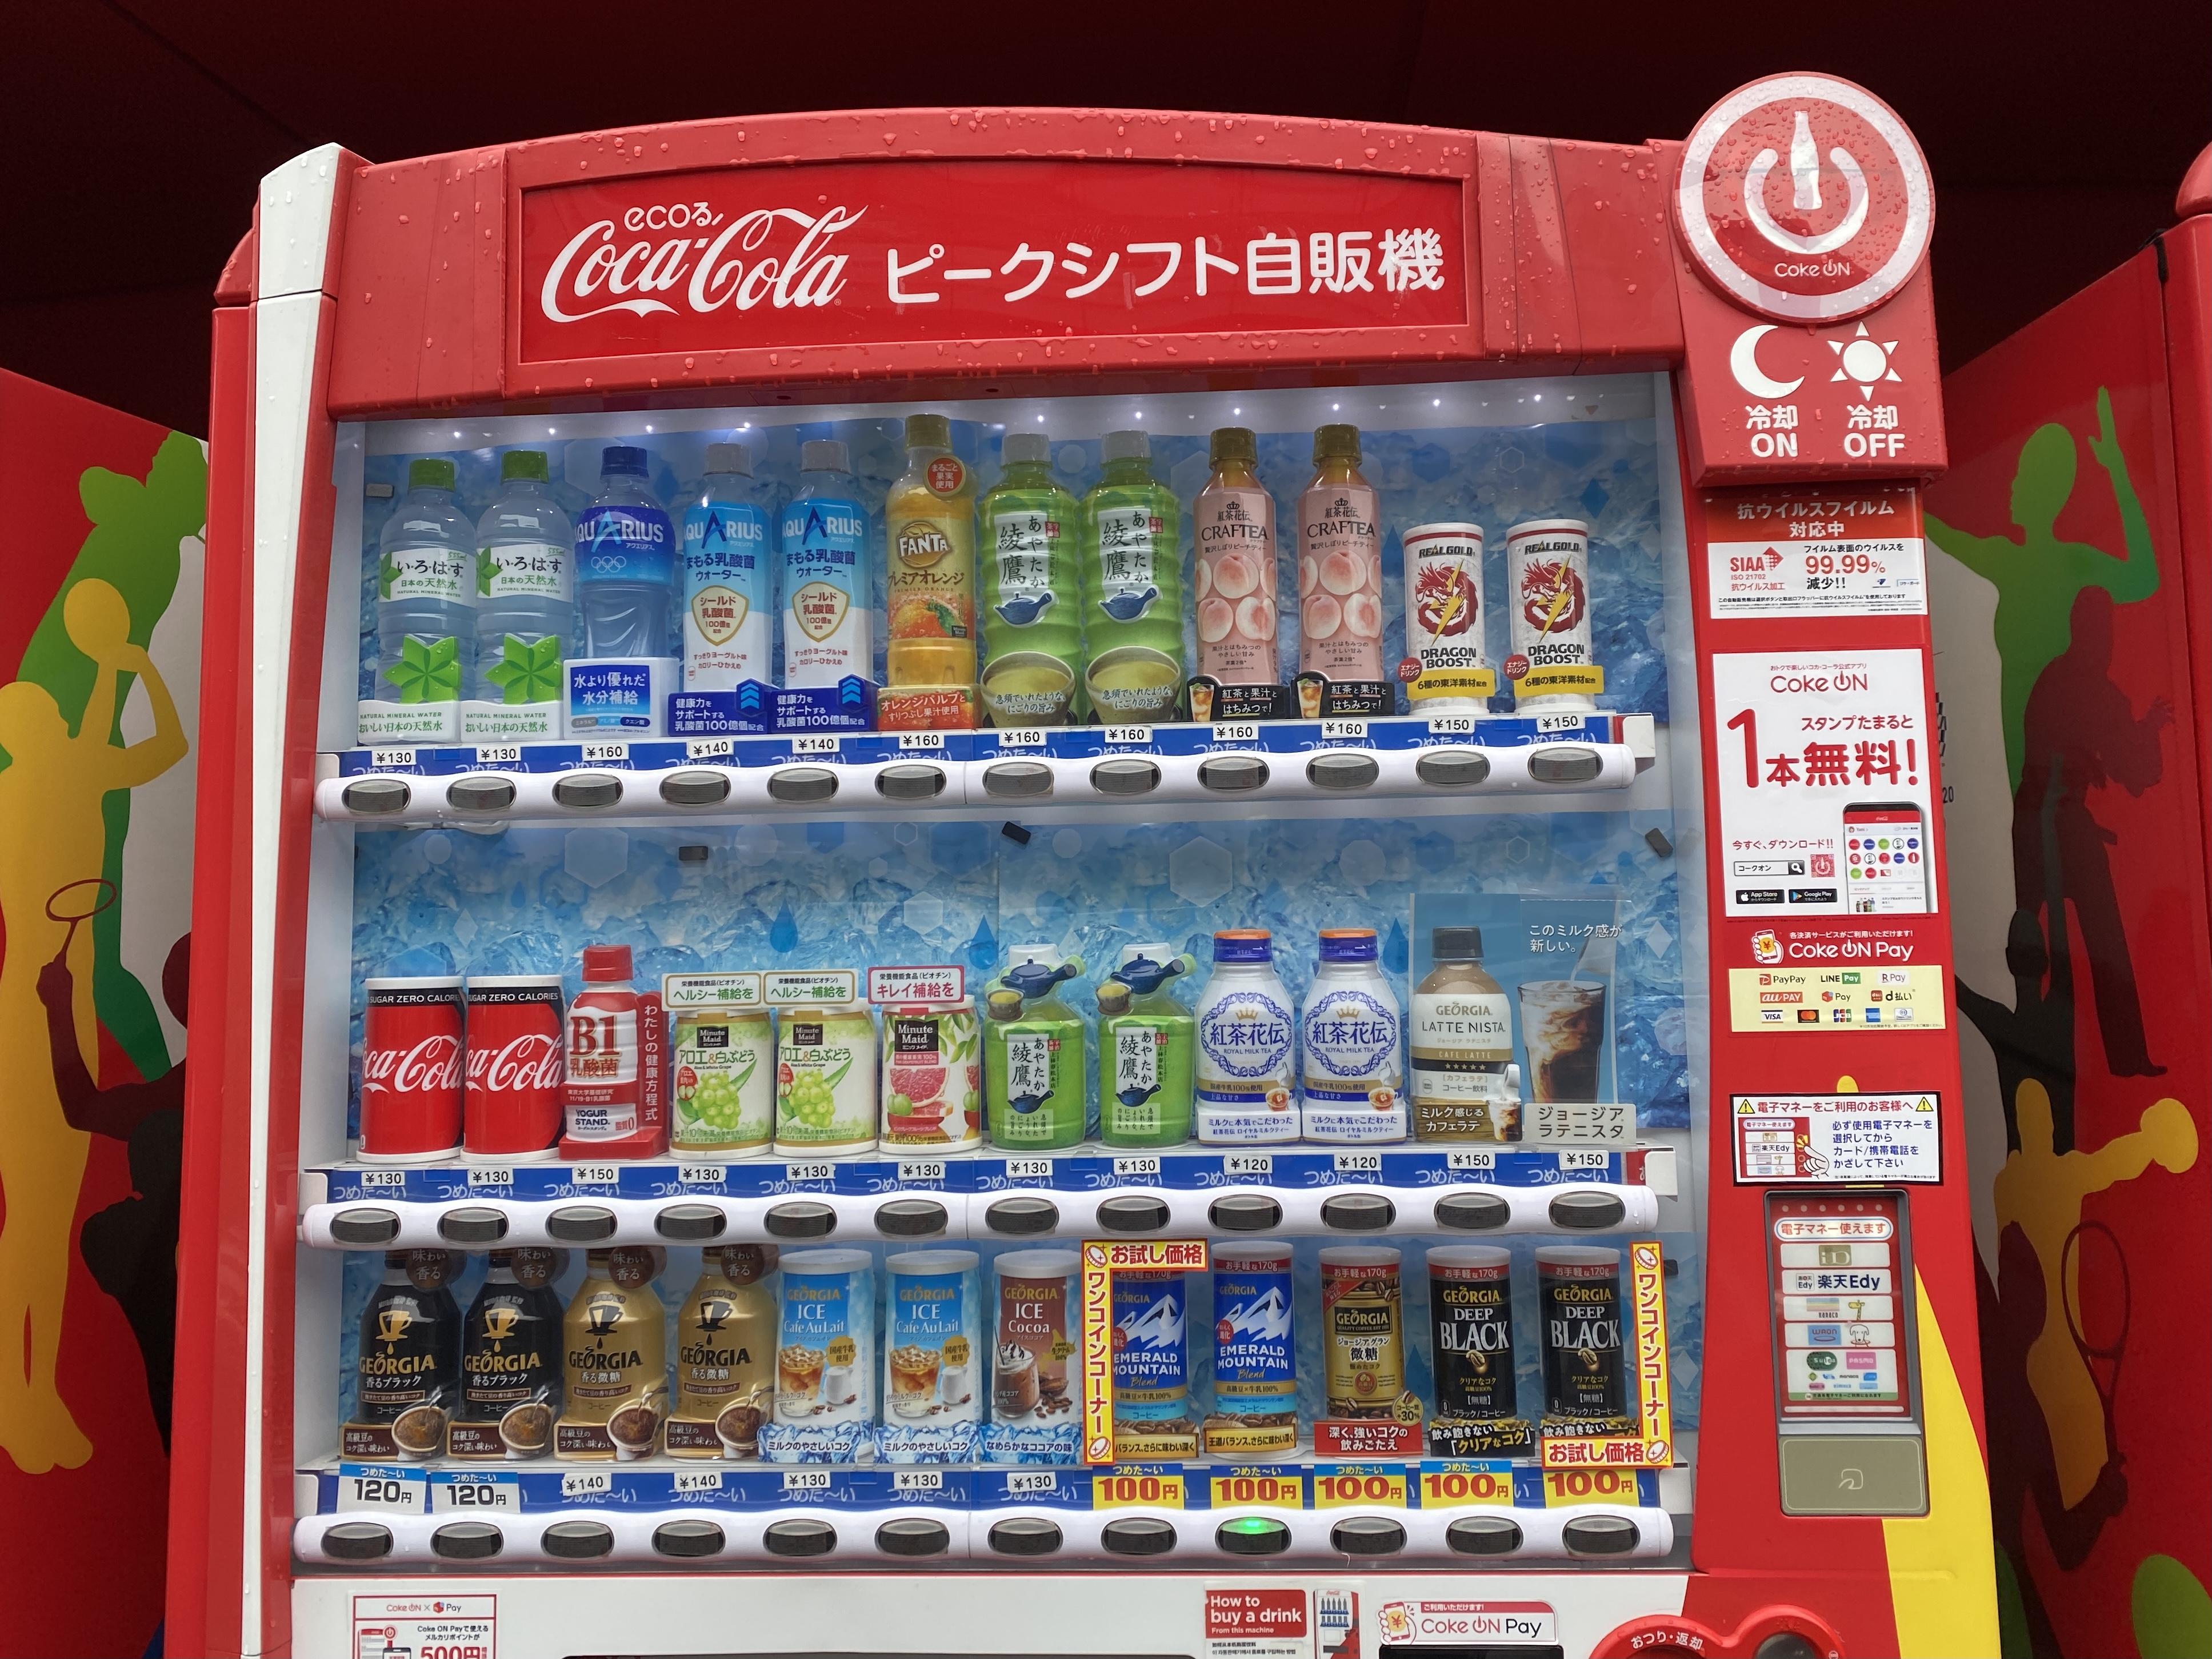 サブスク コークオン 【朗報】コカコーラ、月1350円で自販機ドリンク飲み放題のサブスクを開始